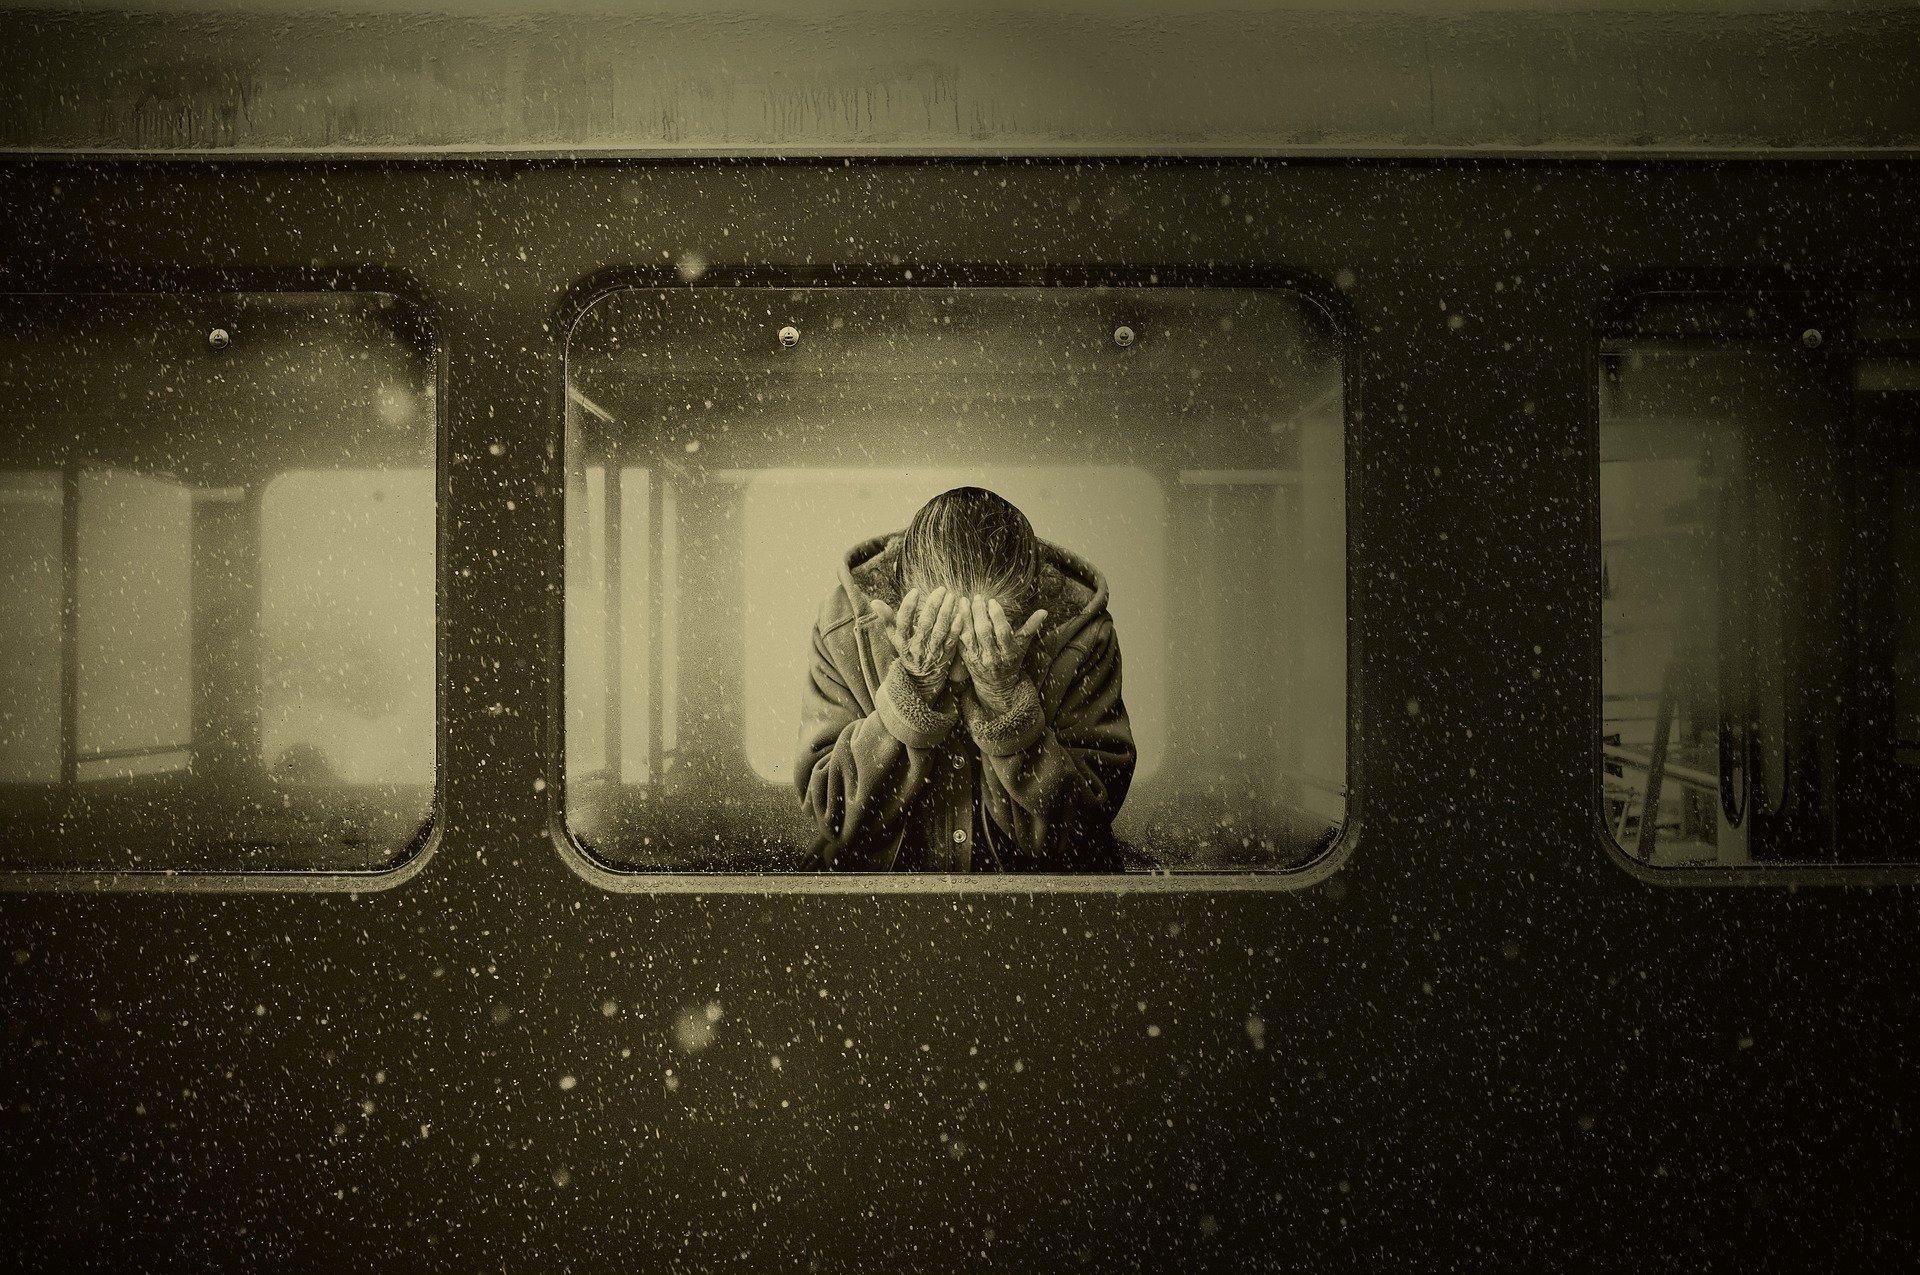 صورة لشخص يقف على نافذة القطار وهو يضع يديه على عينيه